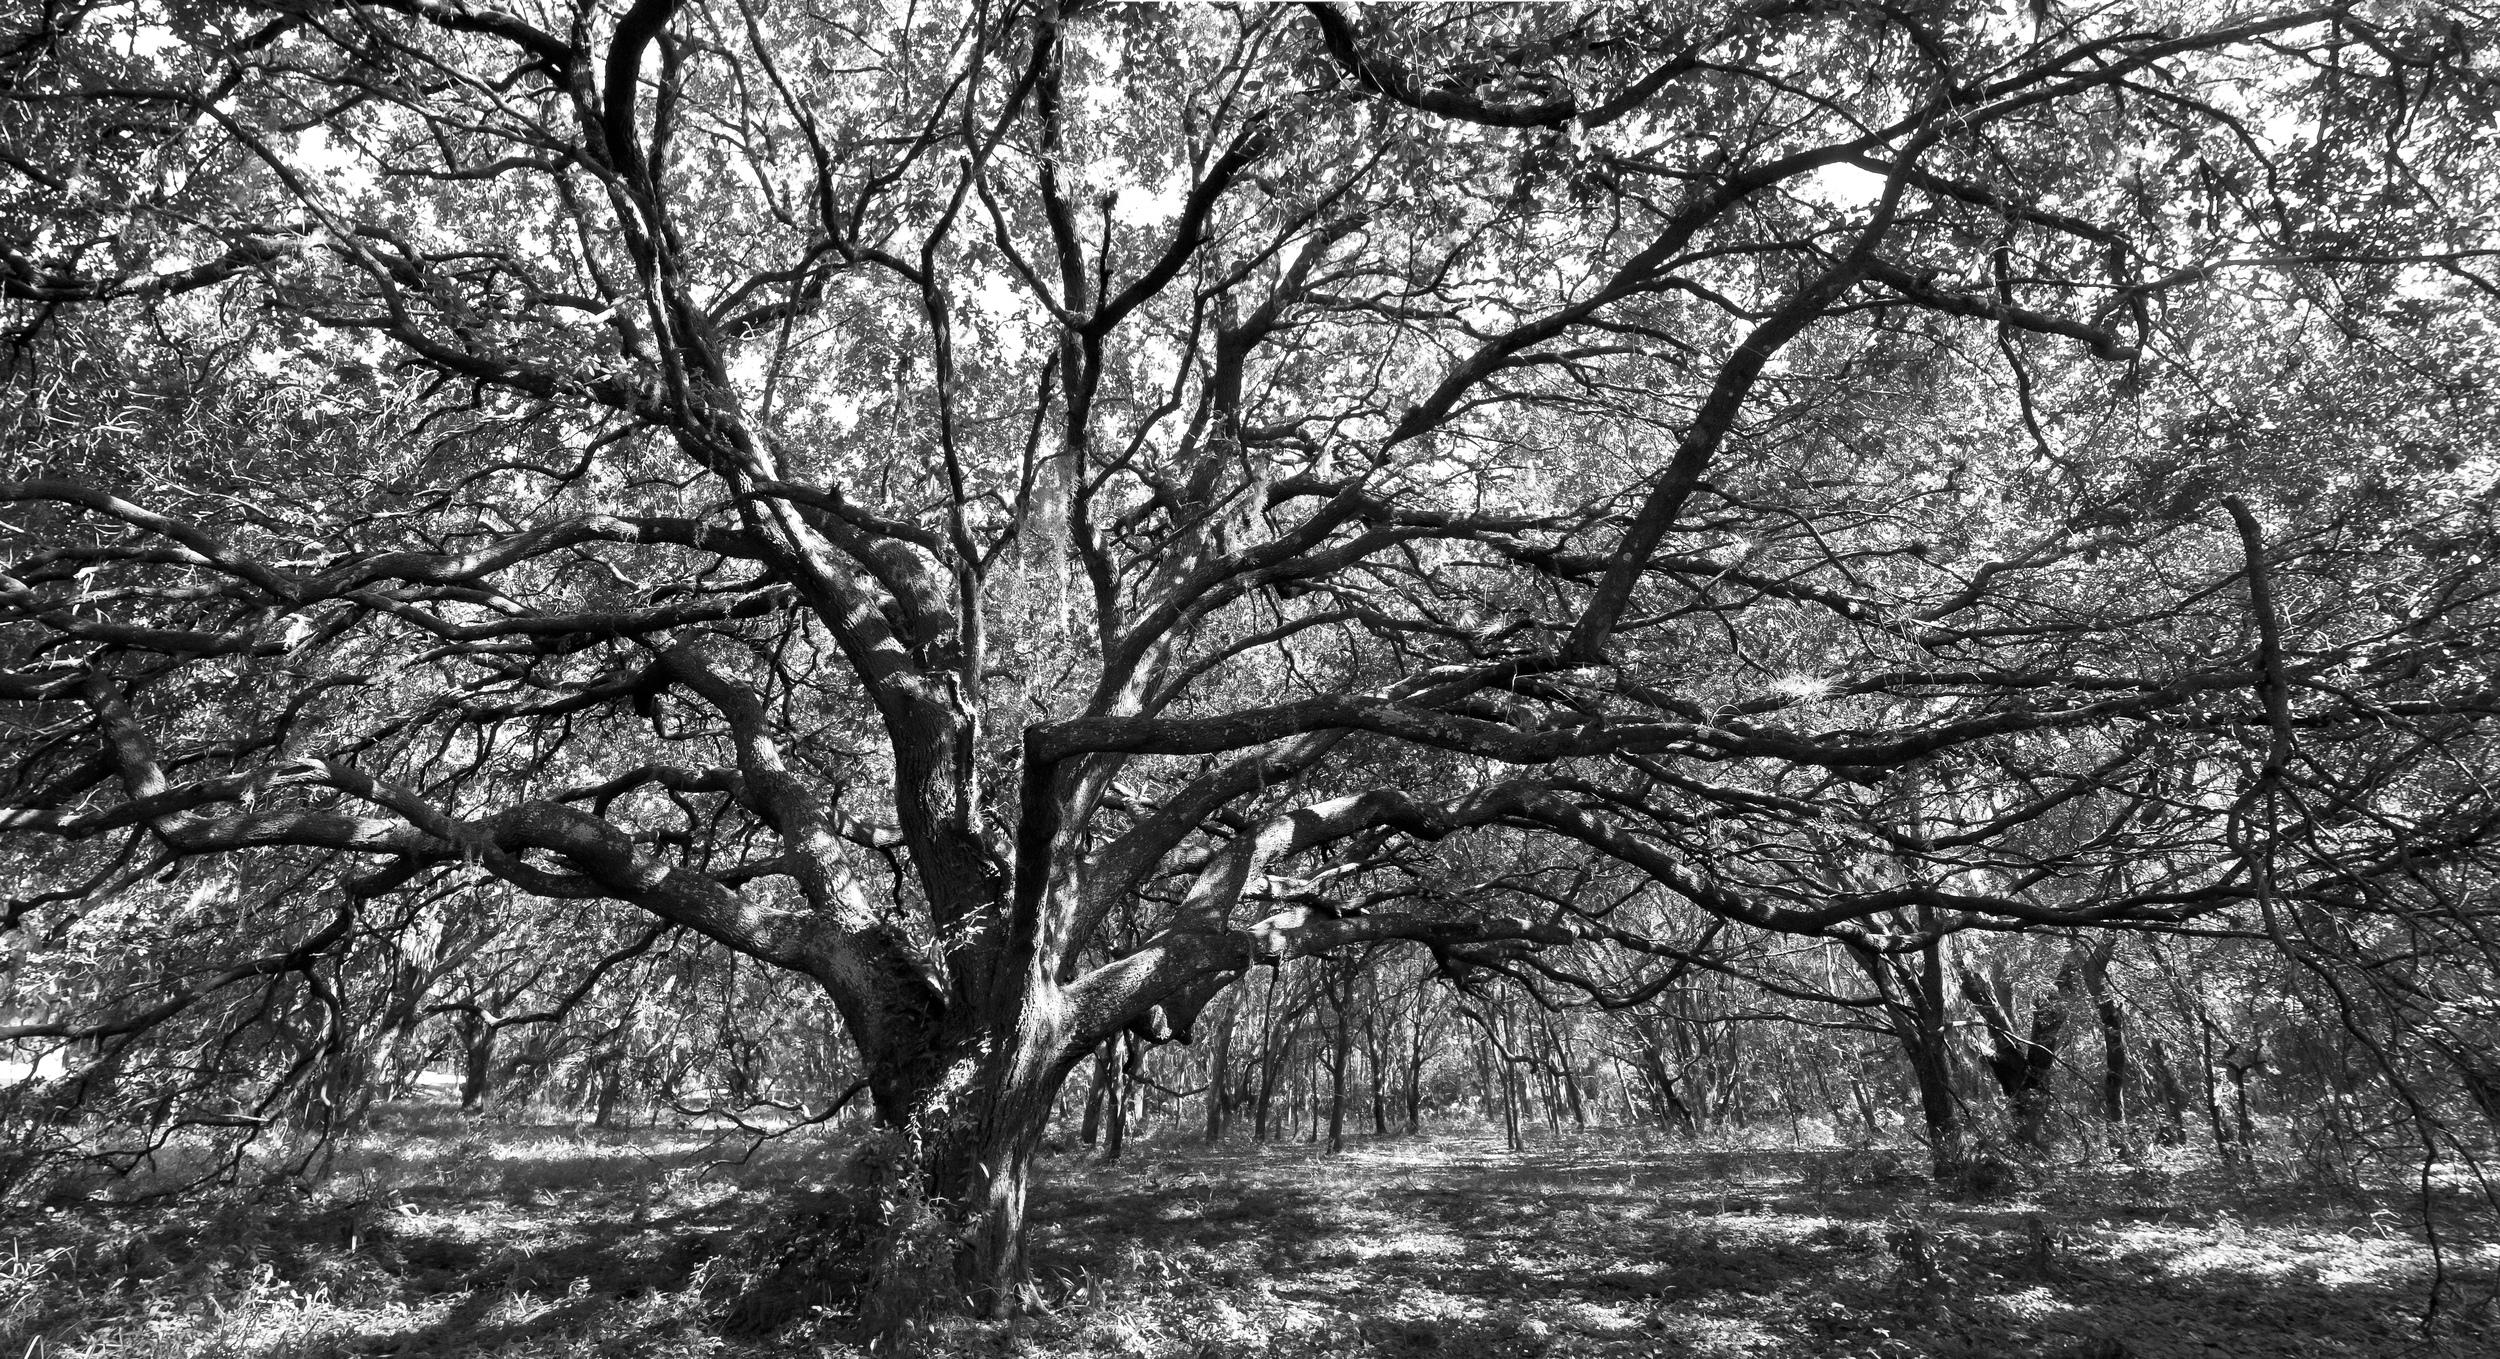 Spreading Tree_2.jpg